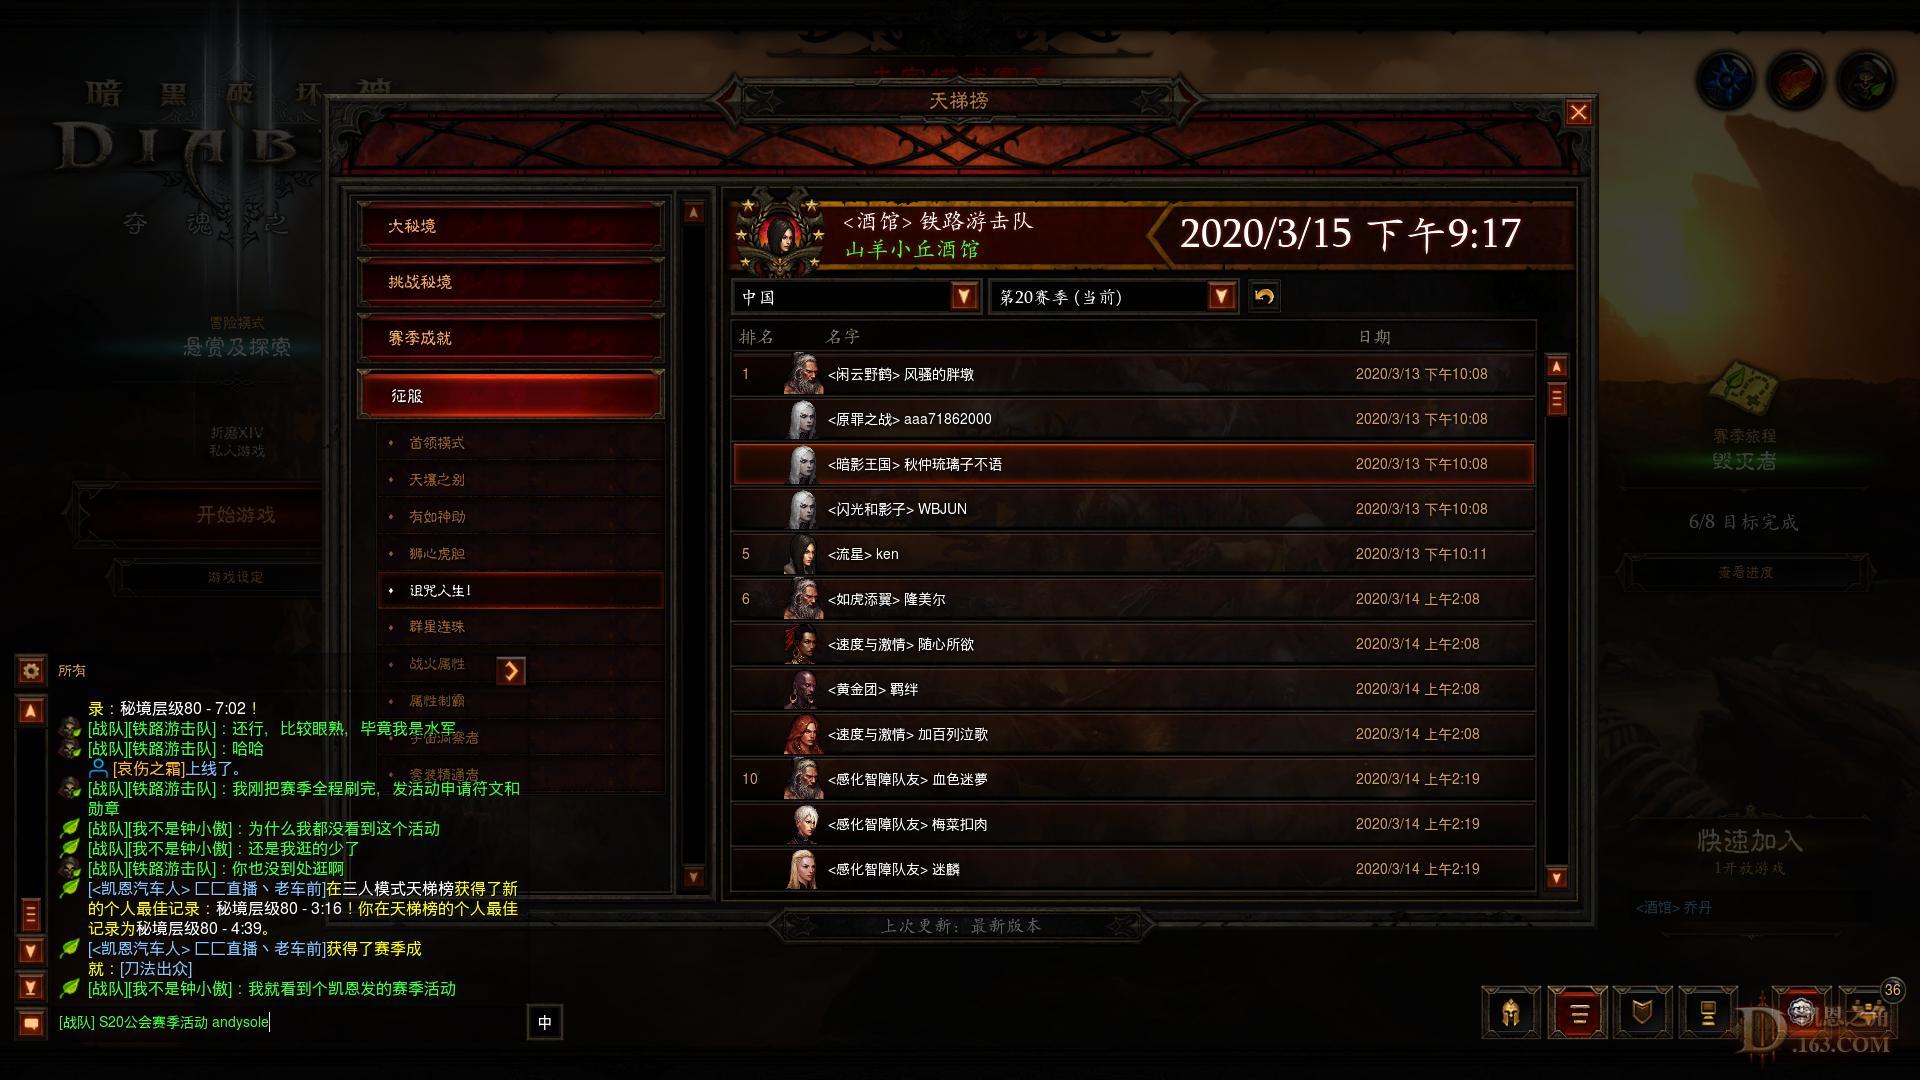 Diablo III 2020-03-16 19-44-11-84.jpg